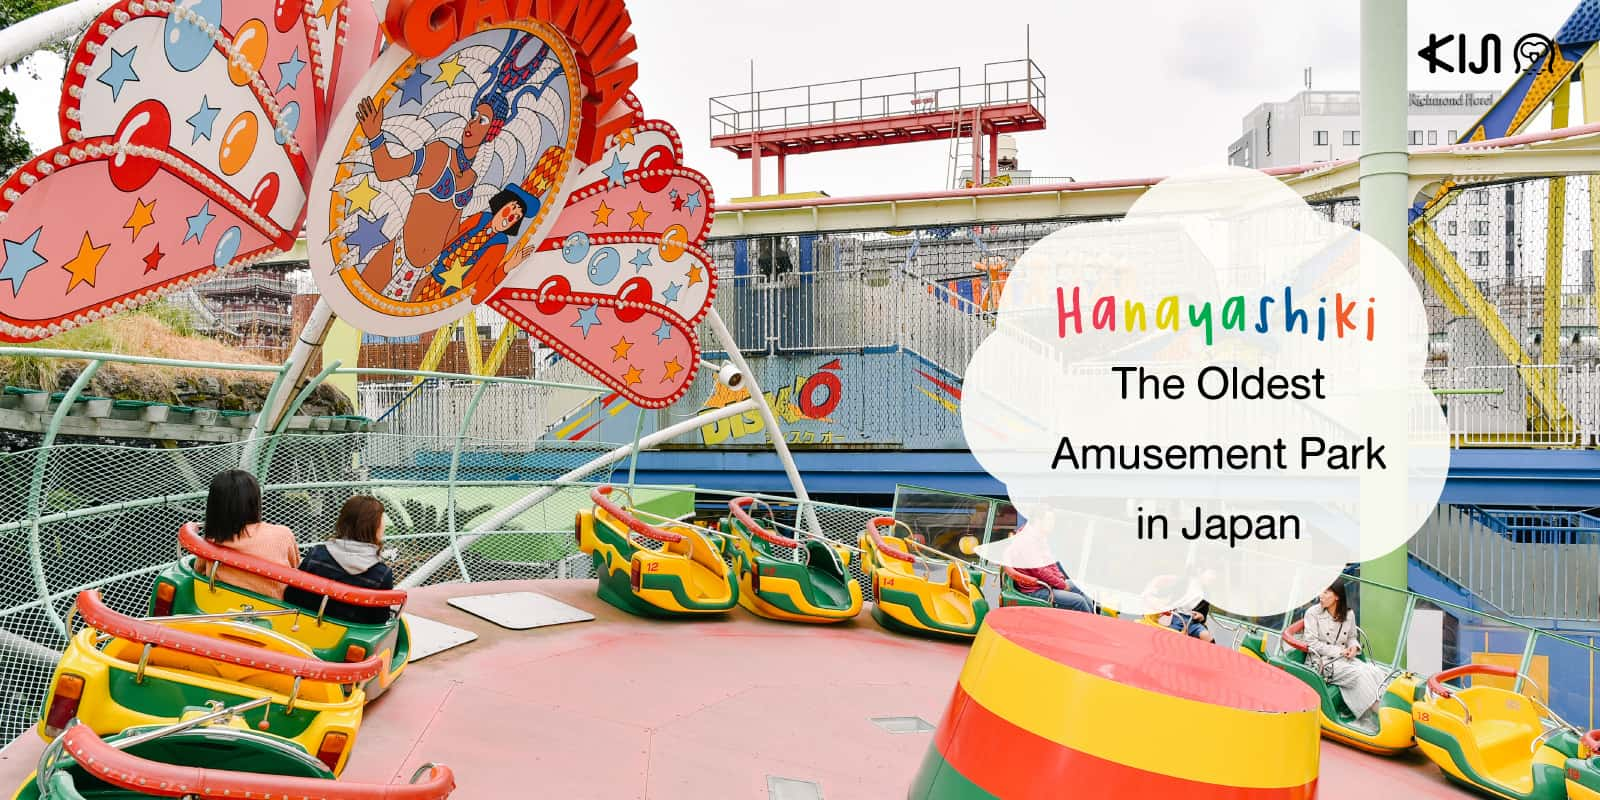 สวนสนุกฮานายาชิกิ (Hanayashiki Amusement Park) สวนสนุกแห่งแรกในญี่ปุ่น